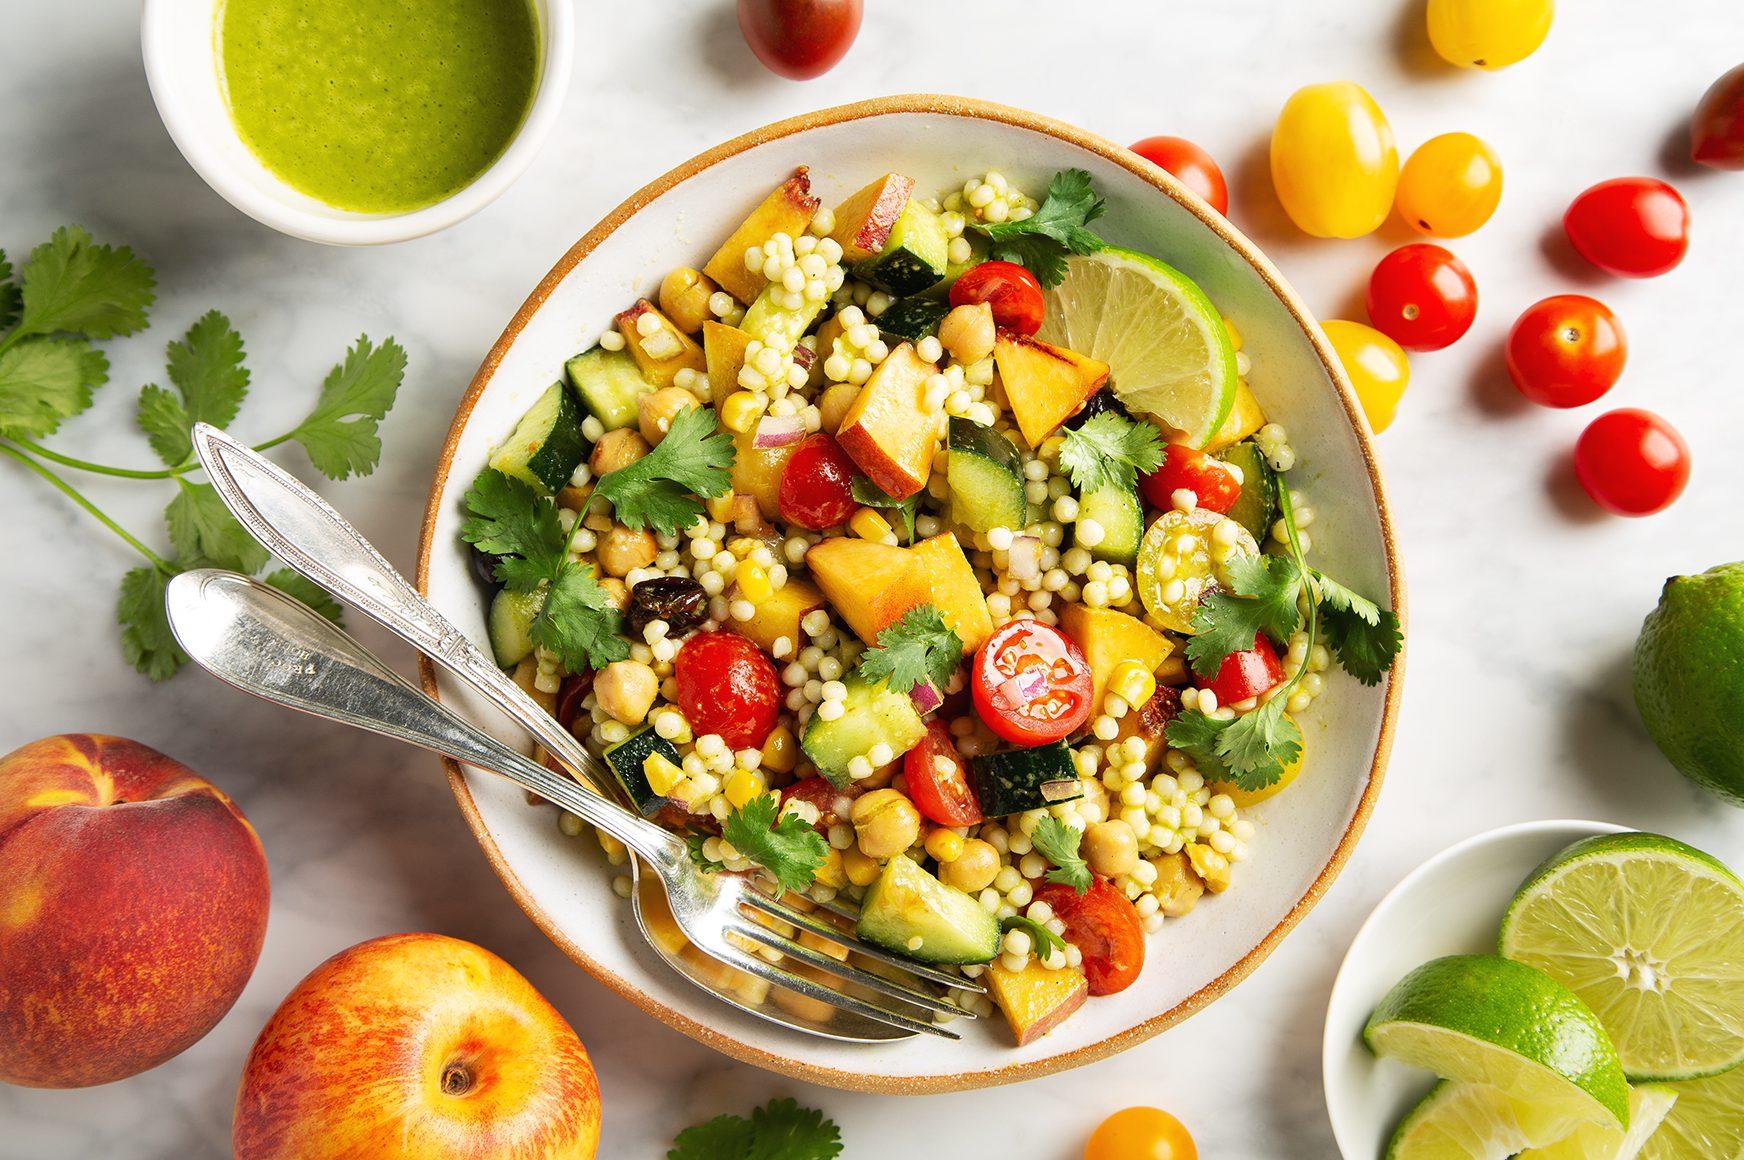 Summer Couscous Salad with Cilantro Lime Vinaigrette   picklesnhoney.com #summer #couscous #salad #cilantro #lime #vinaigrette #side #lunch #dinner #vegan #recipe